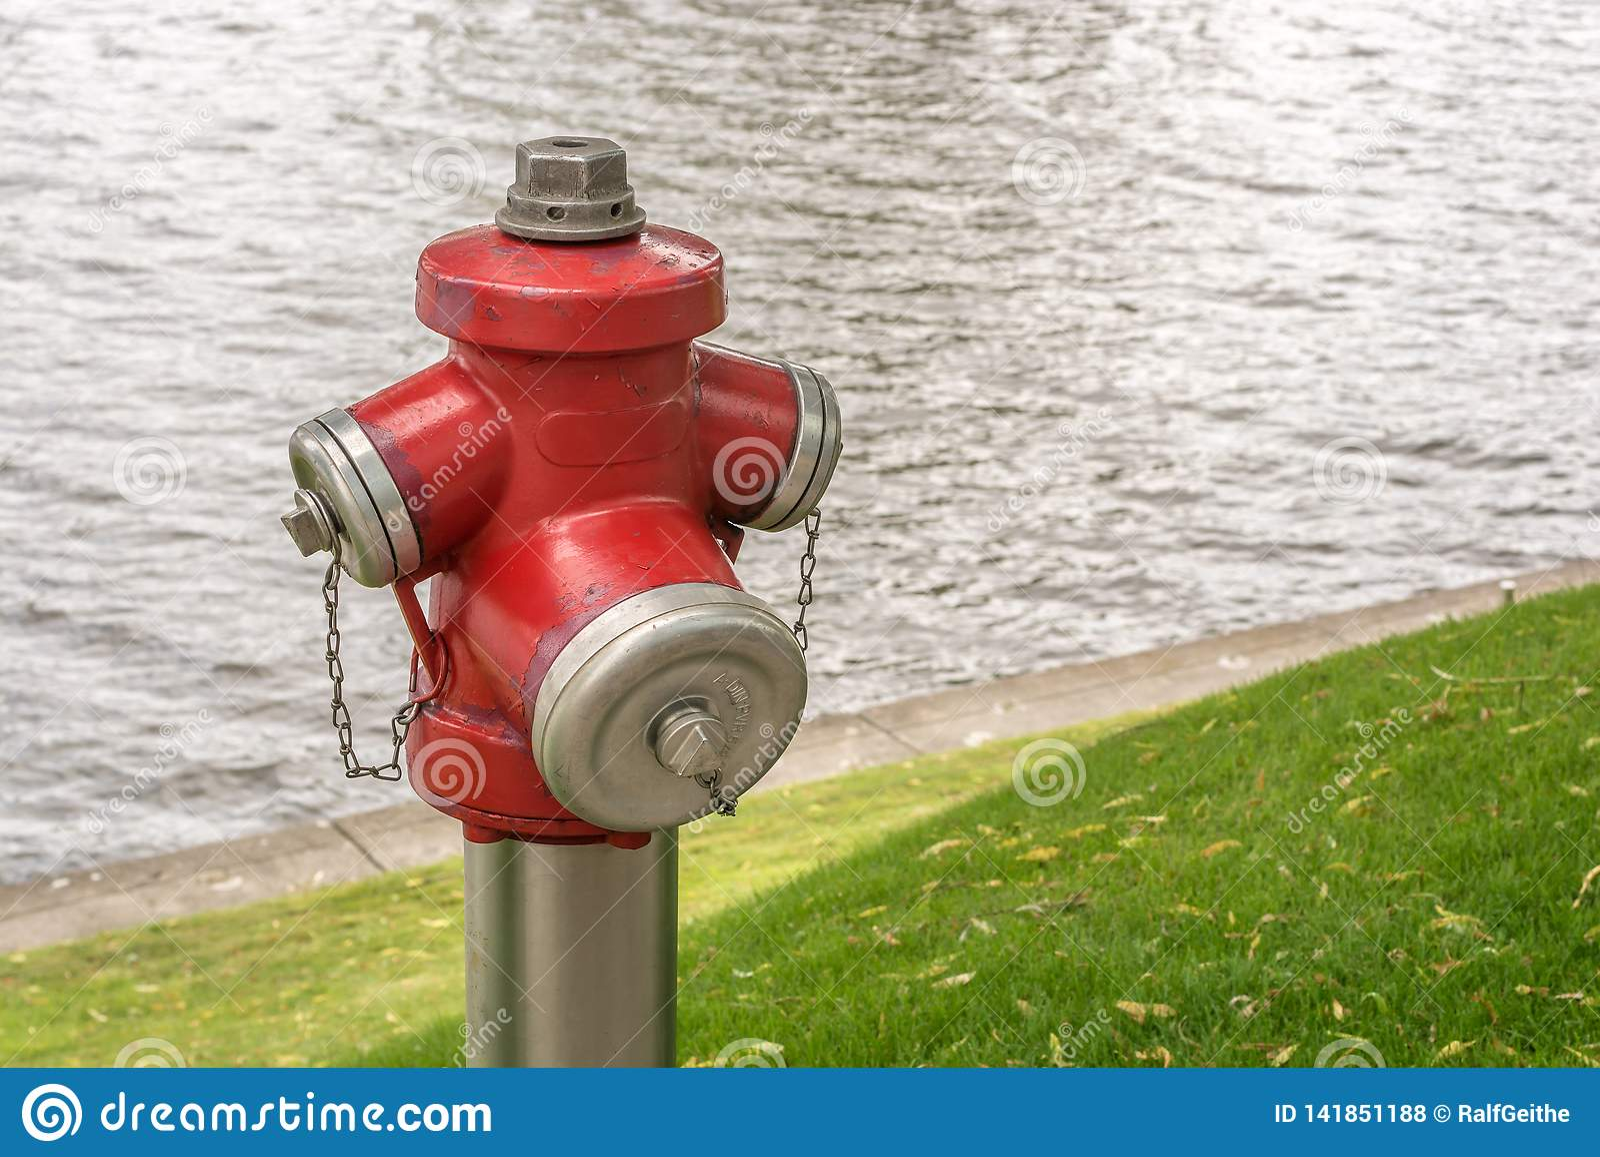 Στόμιο υδροληψίας πυρκαγιάς με τον πυροσβεστήρα στο υπόβαθρο